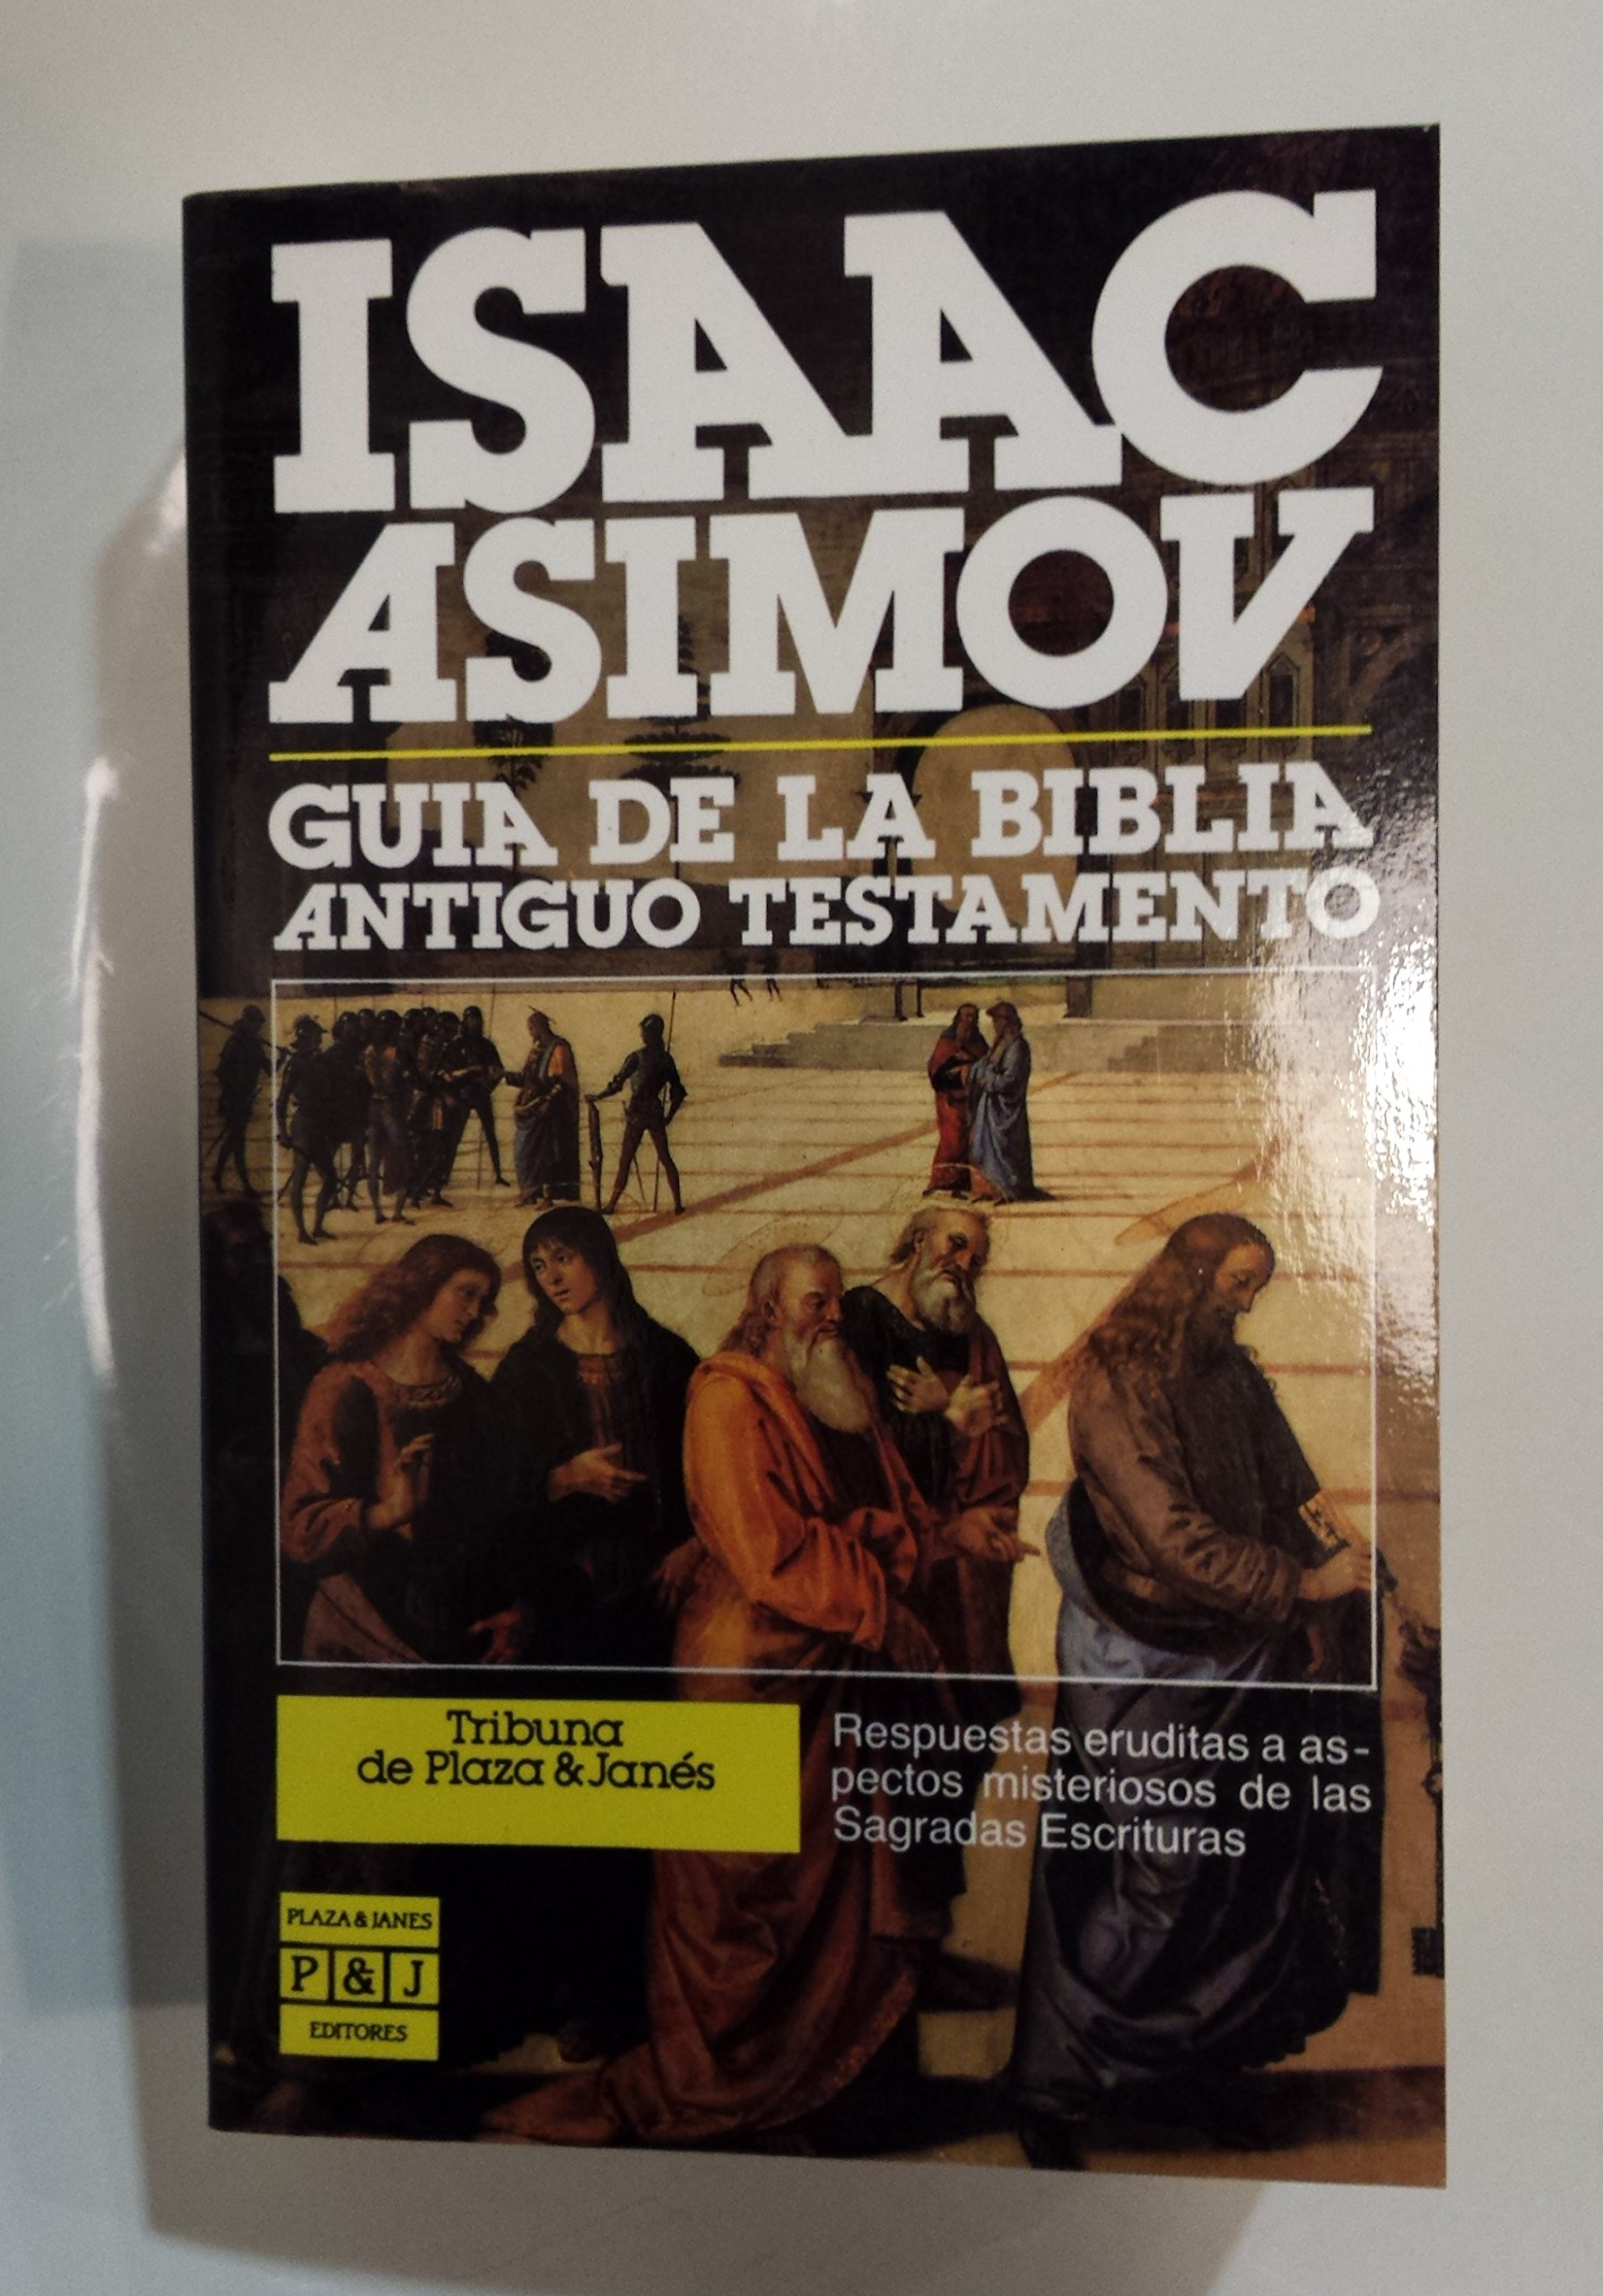 Guia de la biblia. antiguo testamento: Amazon.es: Asimov, Isaac ...